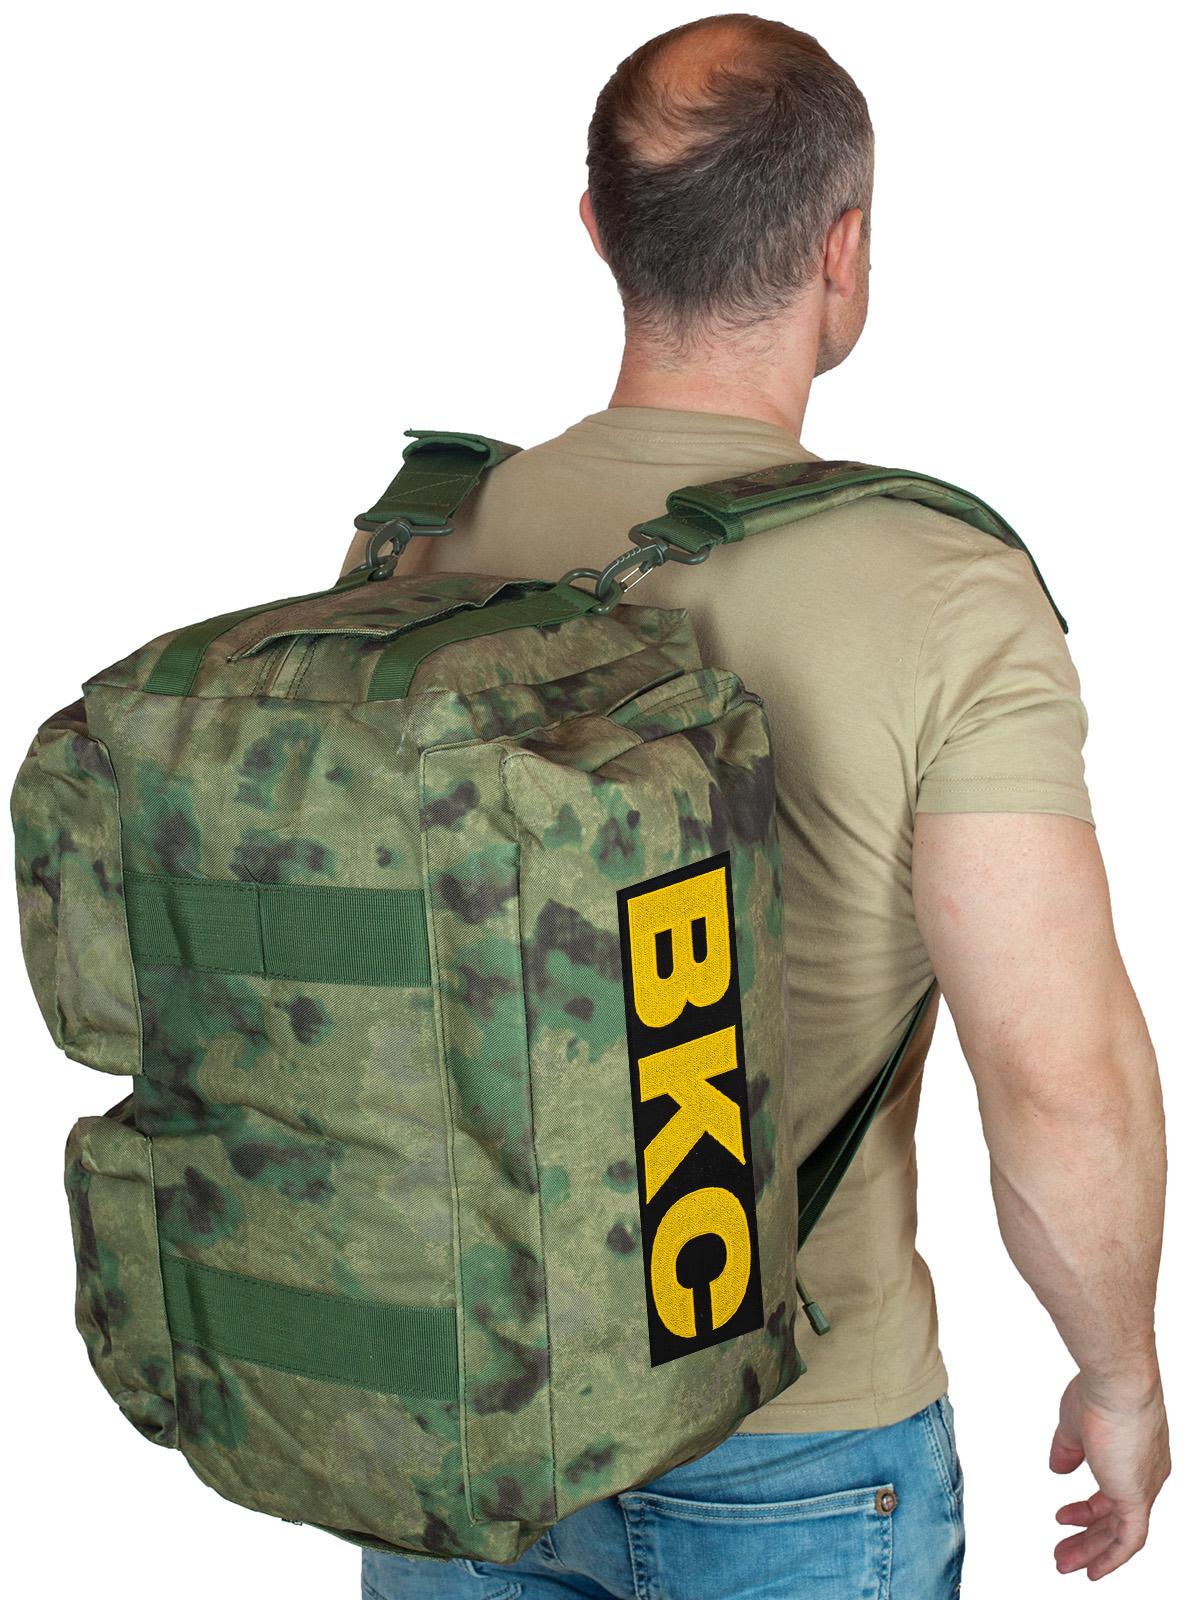 Купить камуфляжную заплечную сумку с нашивкой ВКС по выгодной цене